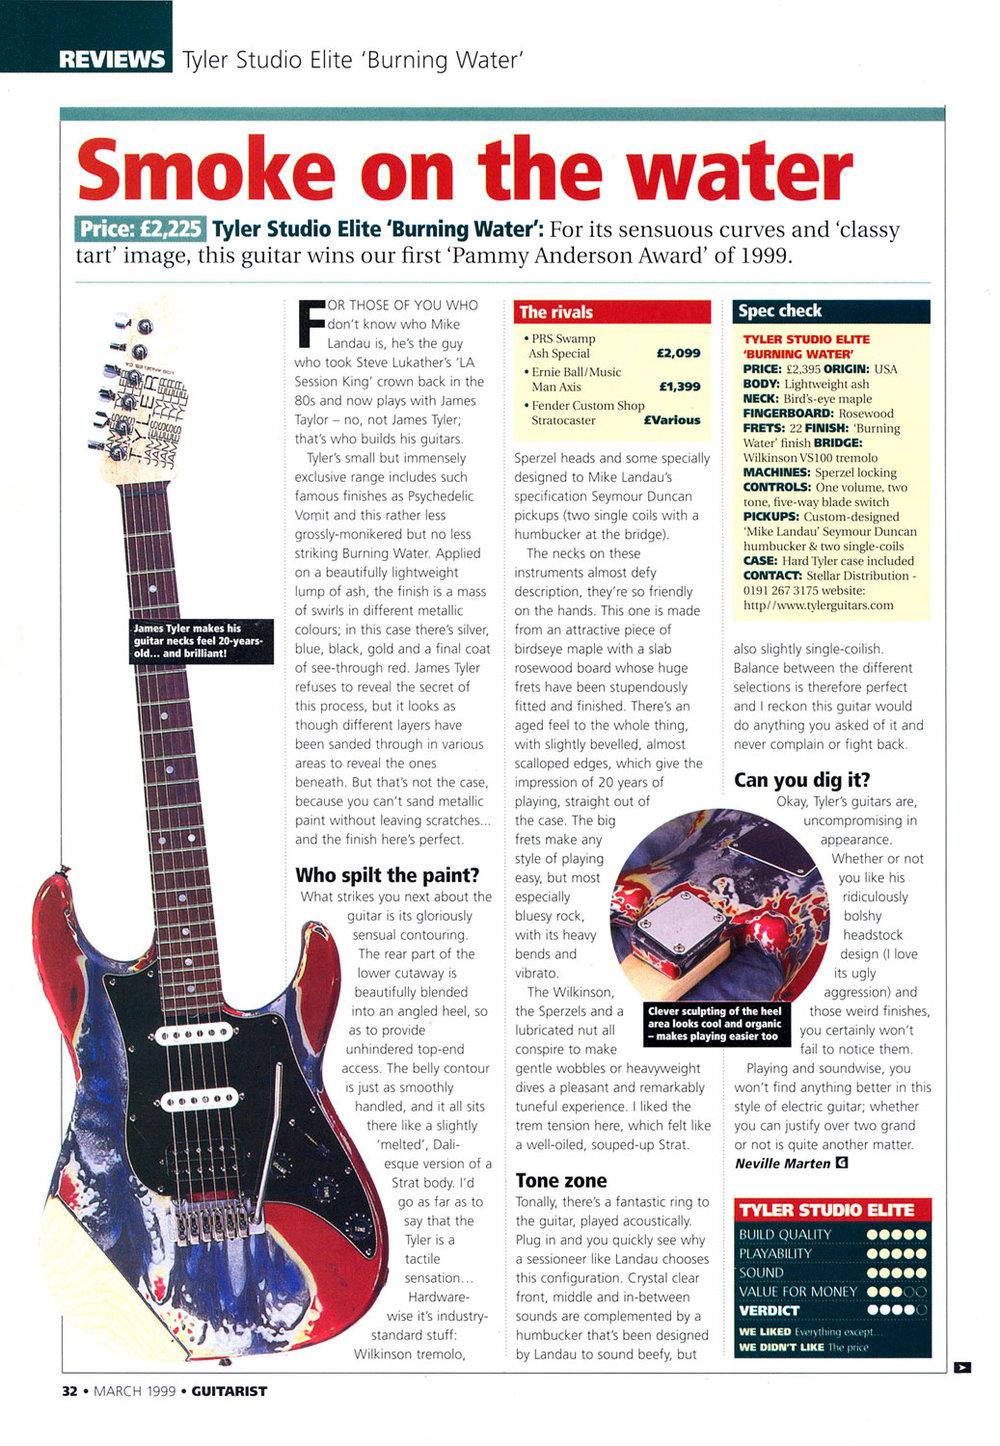 1999 Guitarist